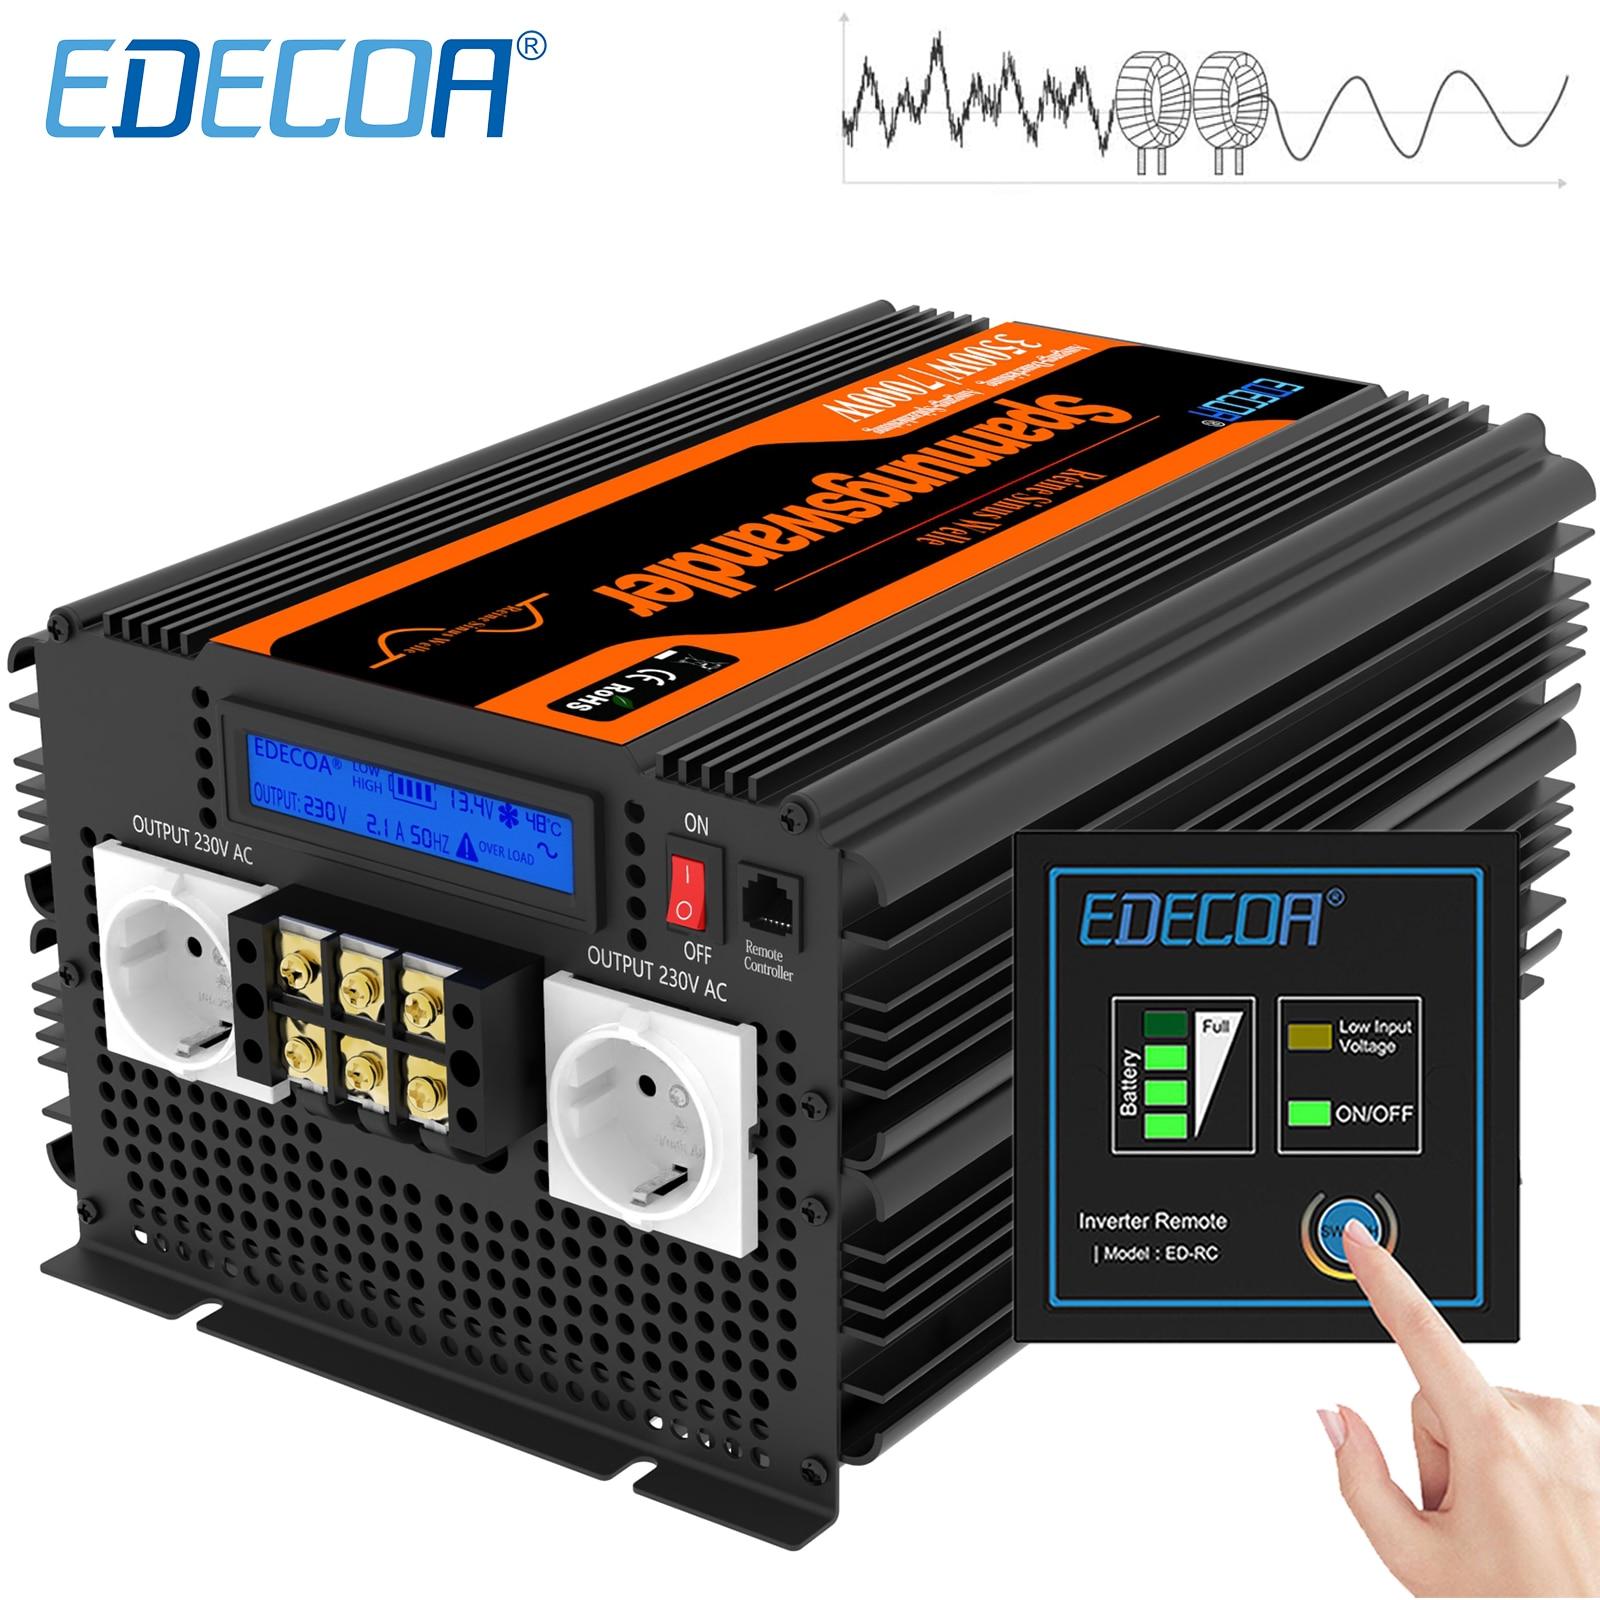 EDECOA 3500W 7000W Power Inverter DC 12V 24V AC 220V 230V 240V 100v 110v 120v Pure Sine Wave 60Hz Converter